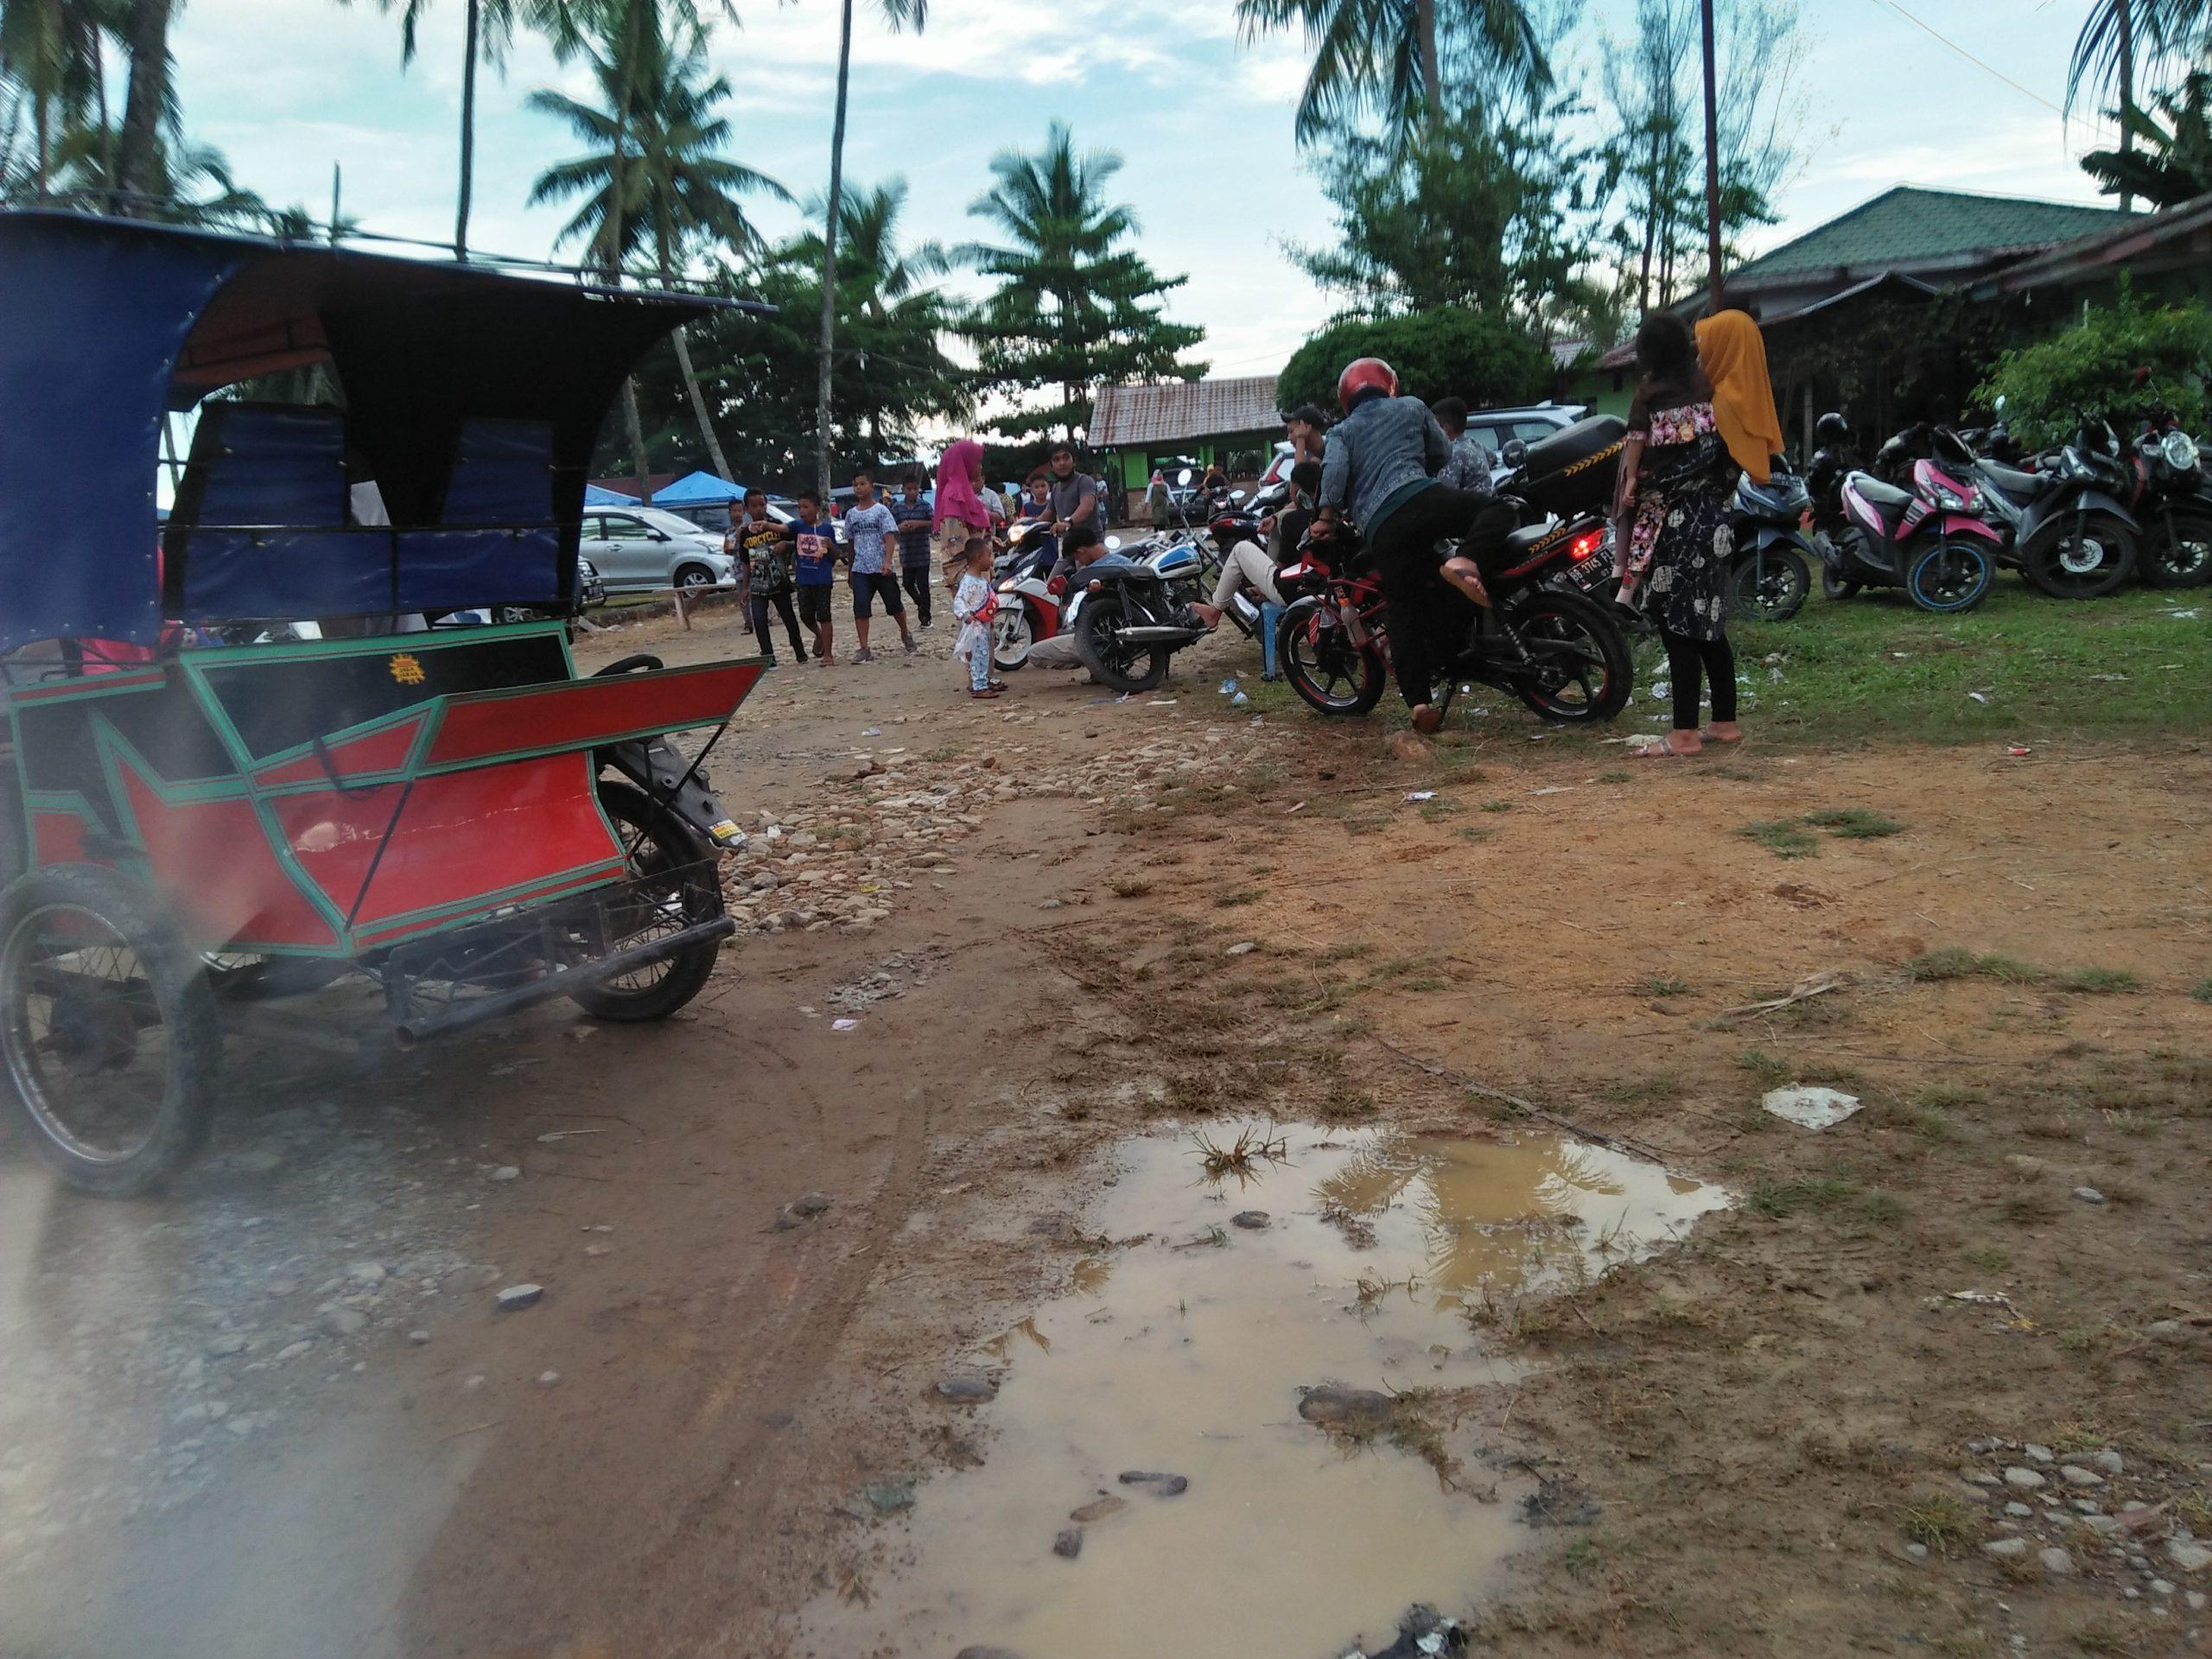 Warga saat berkunjung disalah satu wisata yang ada di Tapanuli Tengah. Foto: Rakyatsumut.com/ Rommy Pasaribu